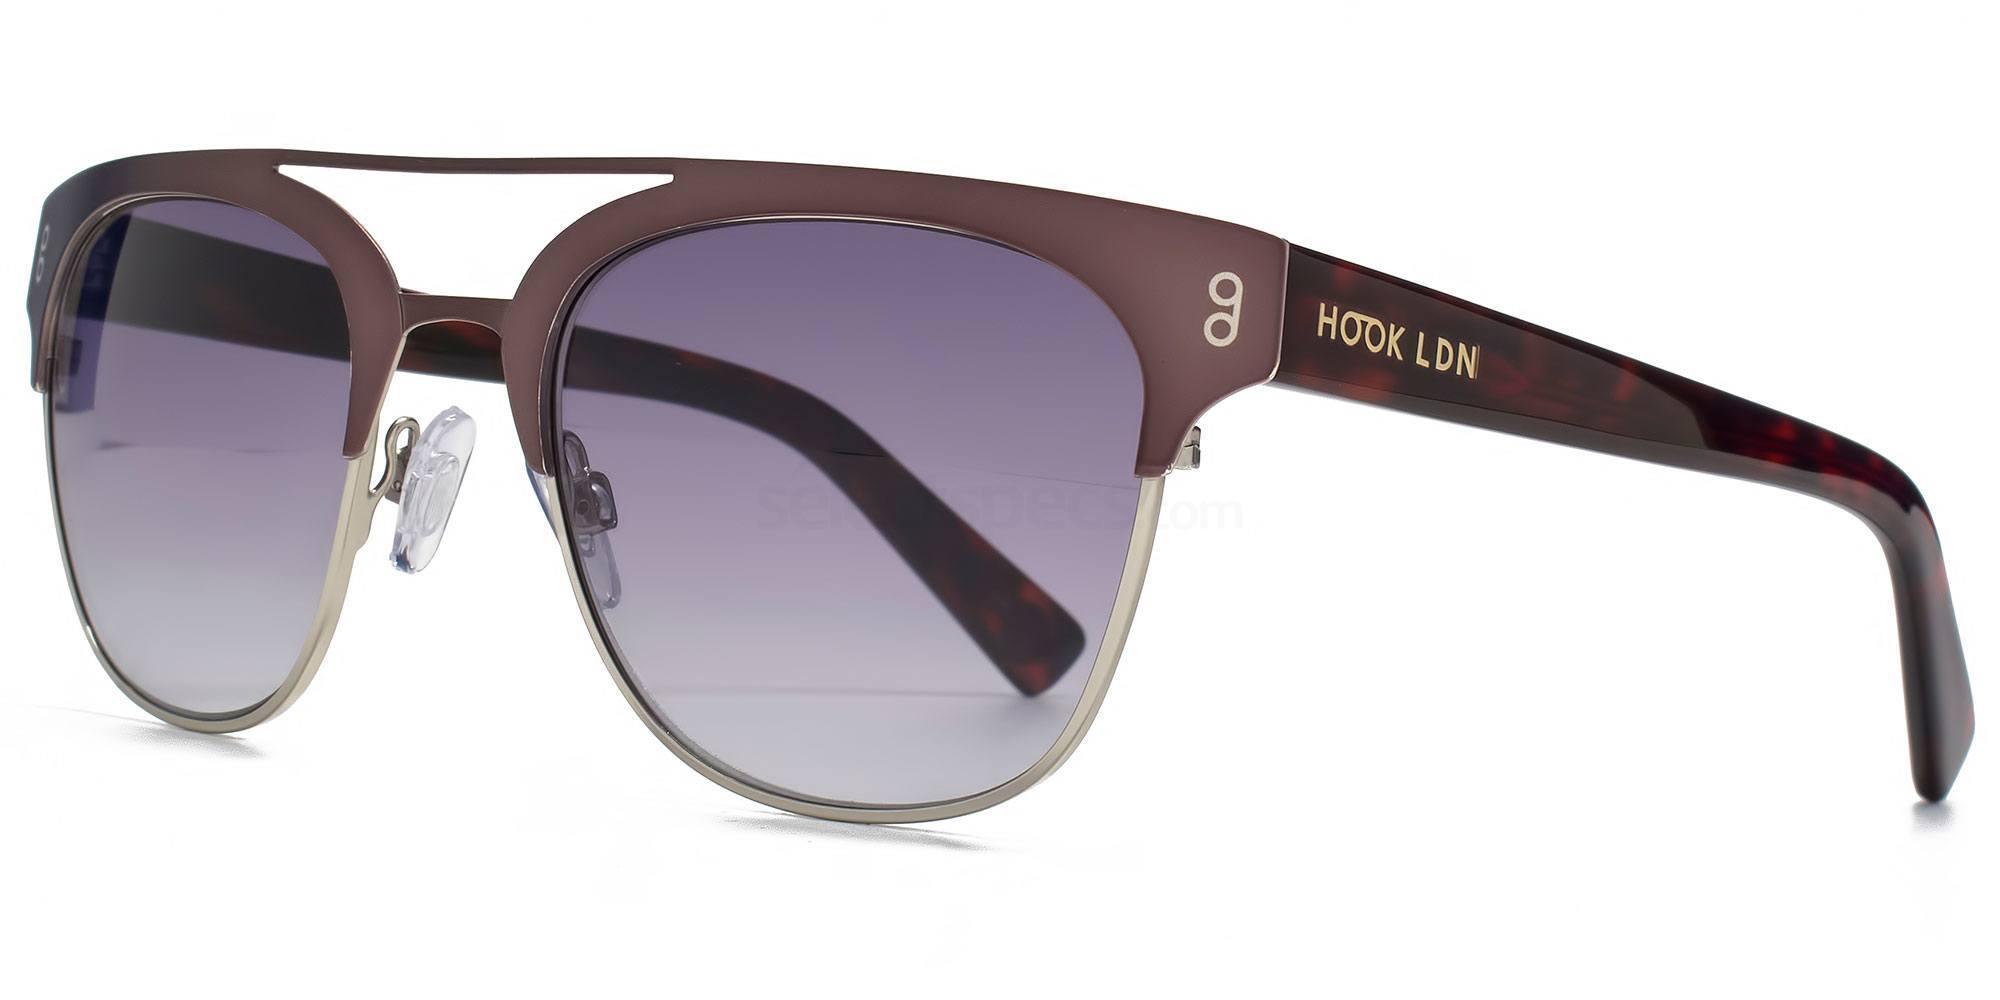 Hook LDN HK005 - FARAWAY sunglasses